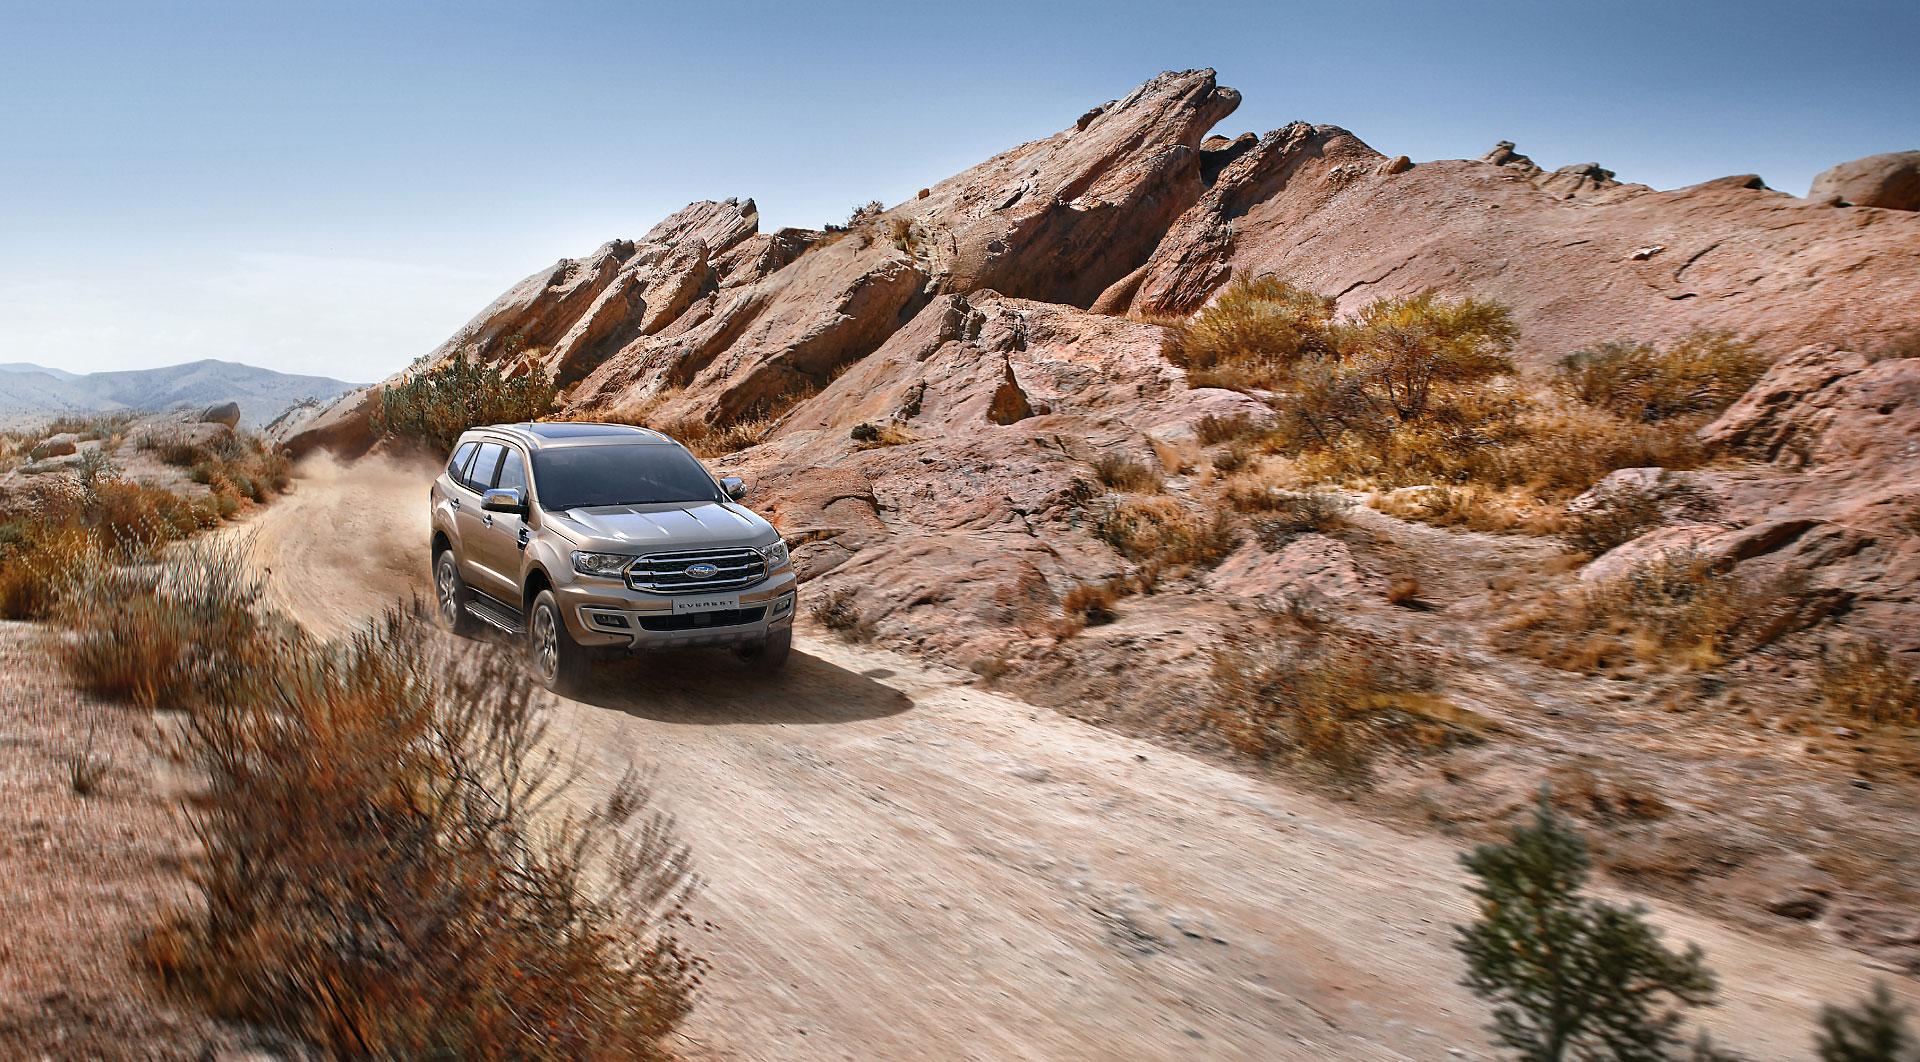 AT_Ford_Everest_Desert_02